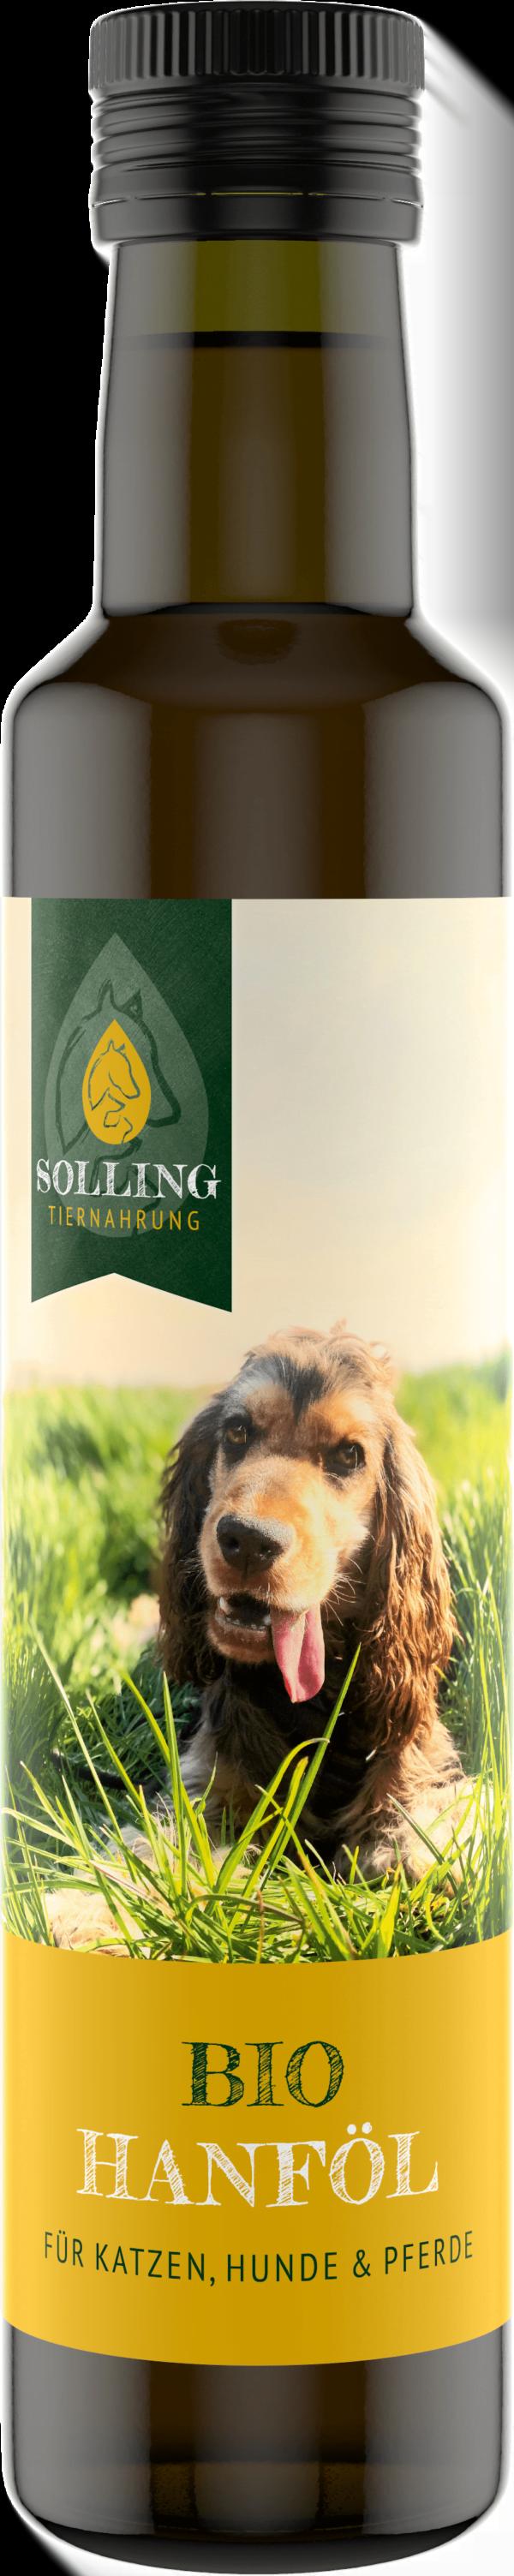 Hanföl für Tiere Futterergänzung für Hunde